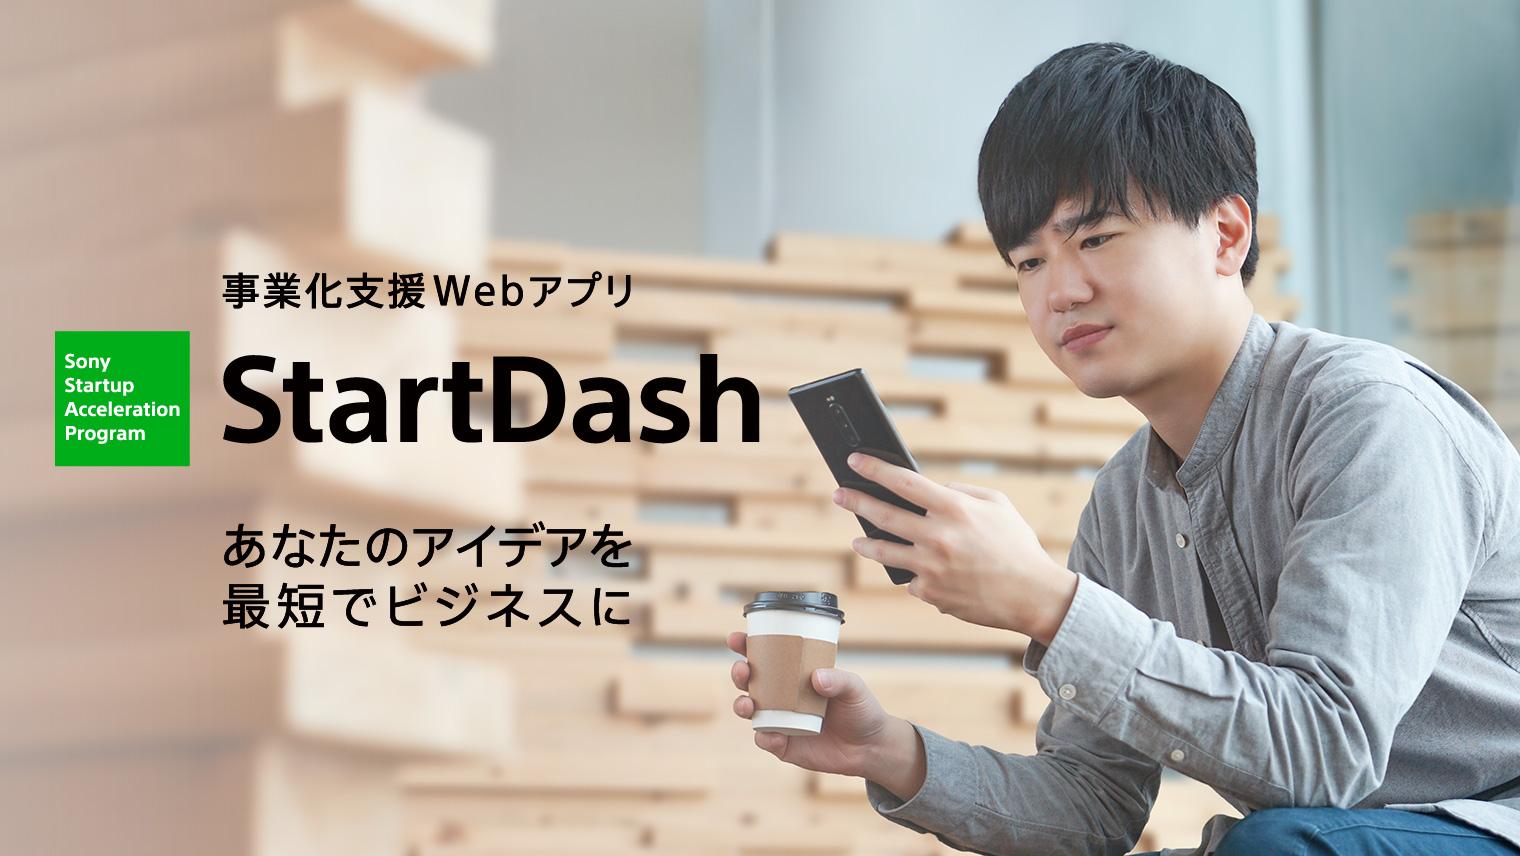 事業化支援アプリ「StartDash」